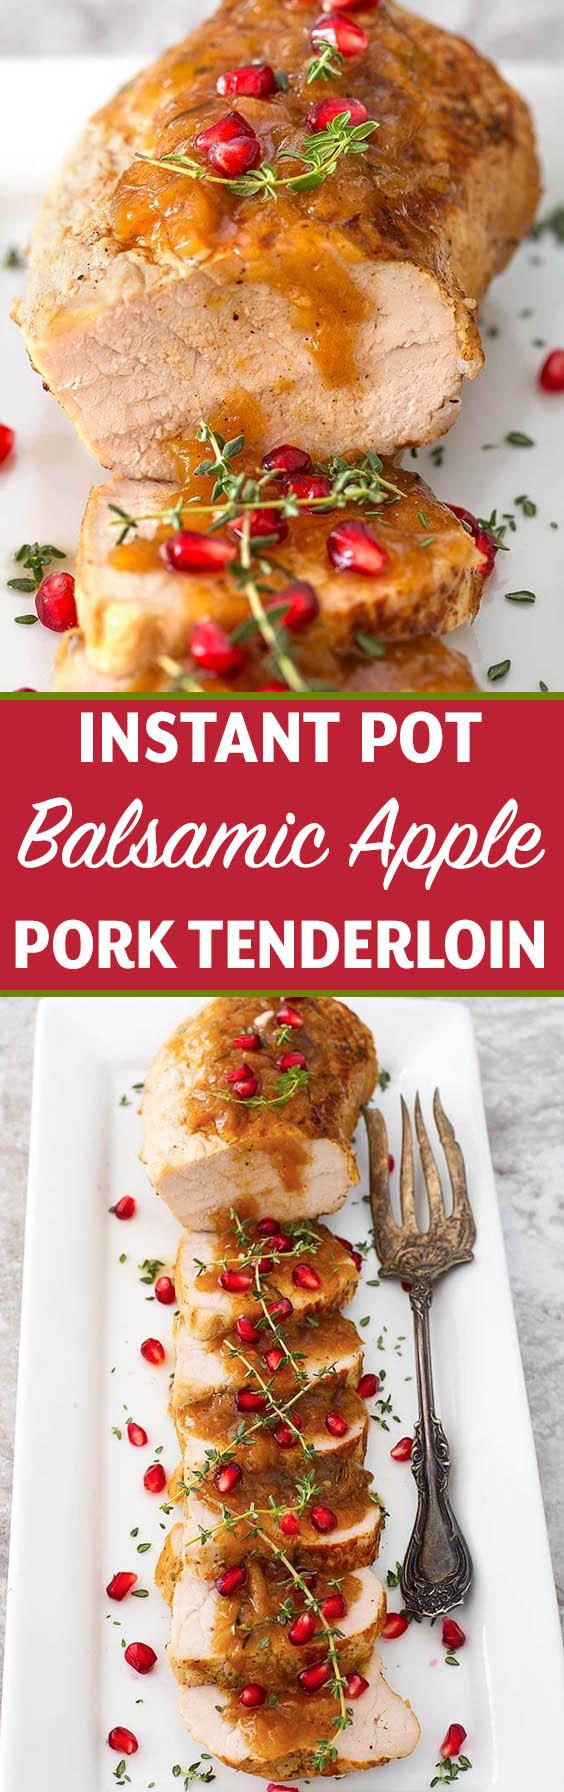 Instapot Pork Tenderloin  Instant Pot Balsamic Apple Pork Tenderloin